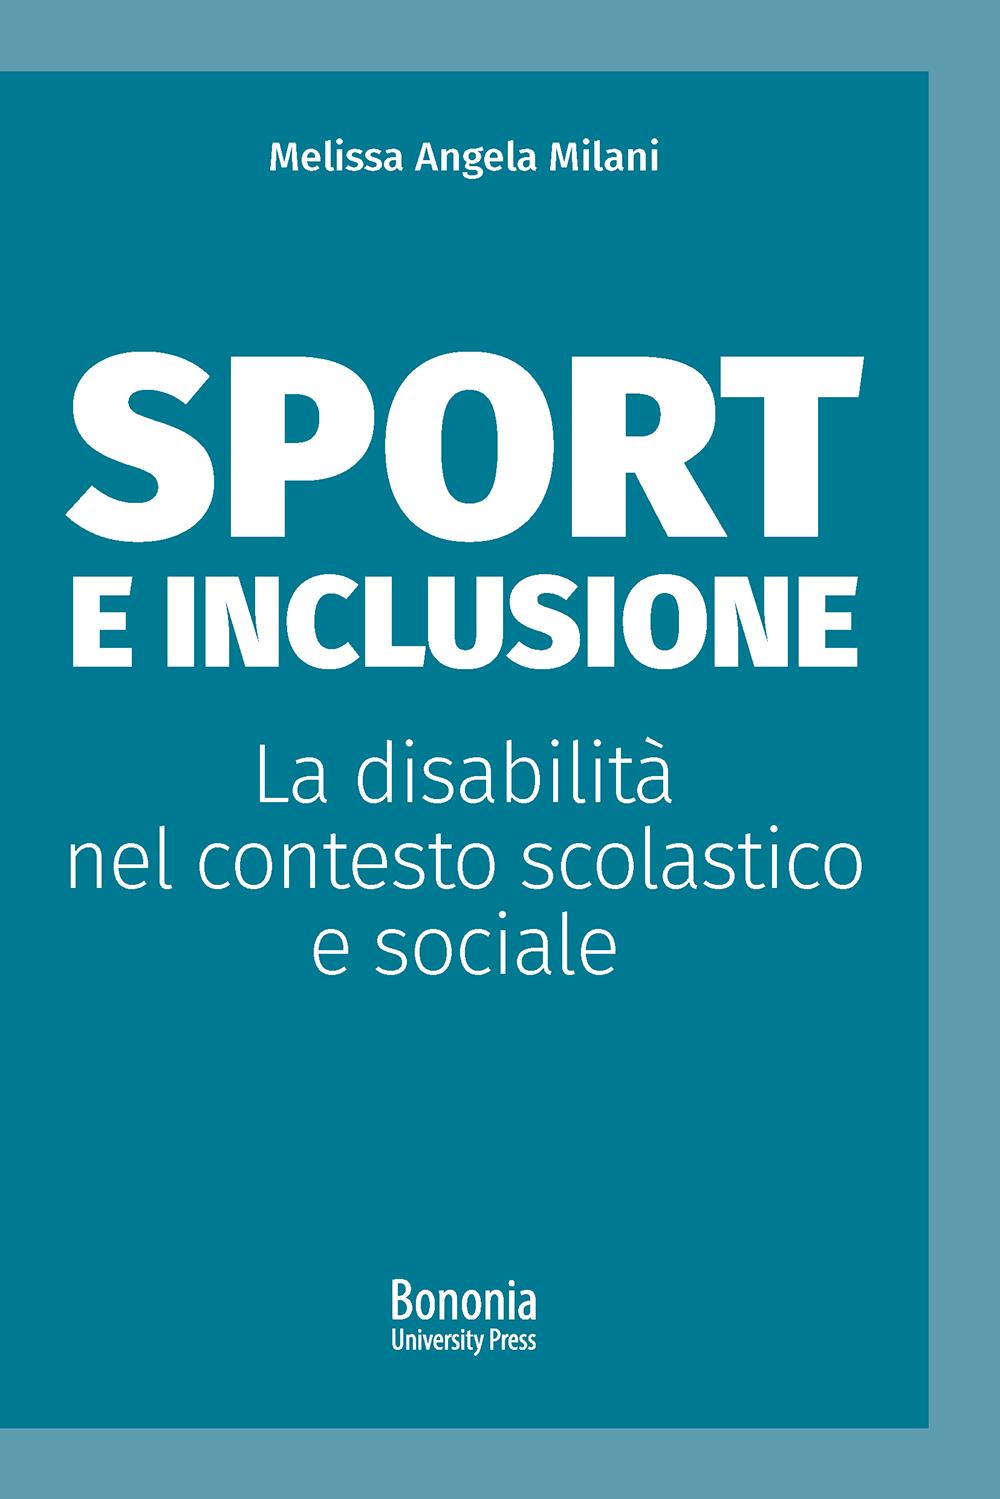 Sport e inclusione - Bononia University Press